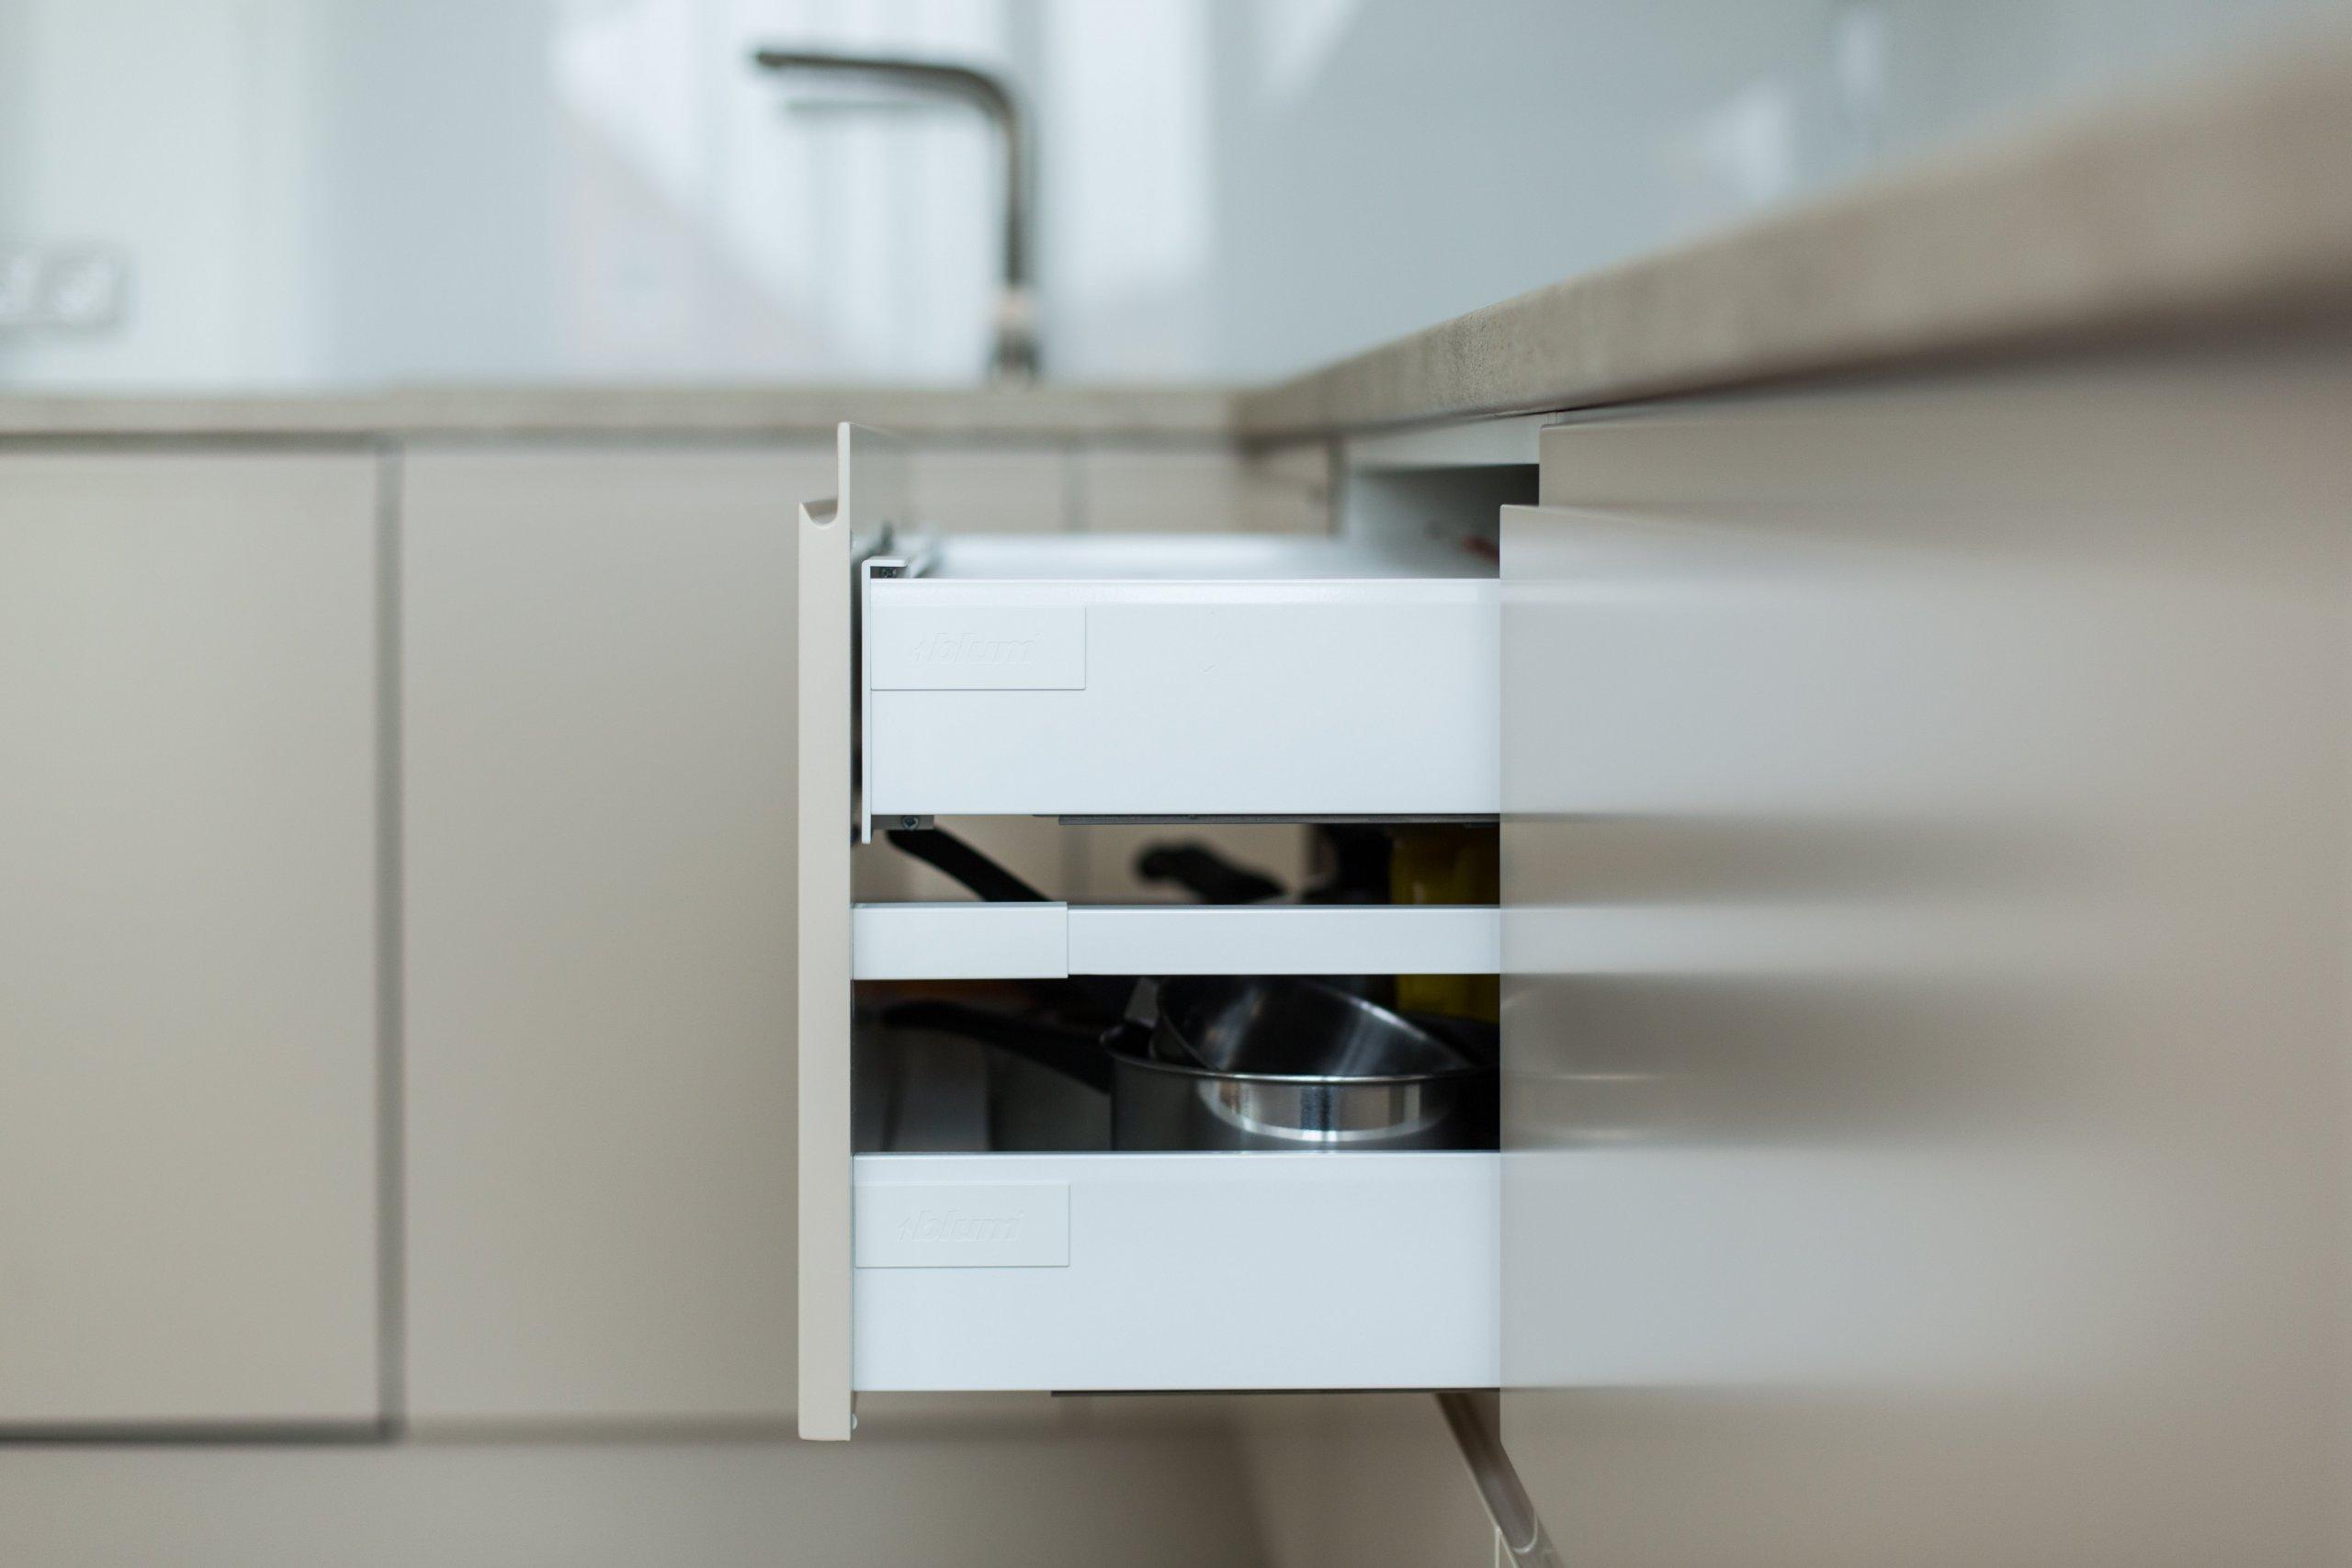 Praktická a nadčasová kuchyně do rodinného domu byla navržena tak, aby tvořila přirozenou součást prostoru. K tomu přispěl výběr barev, úchytky které jsou…